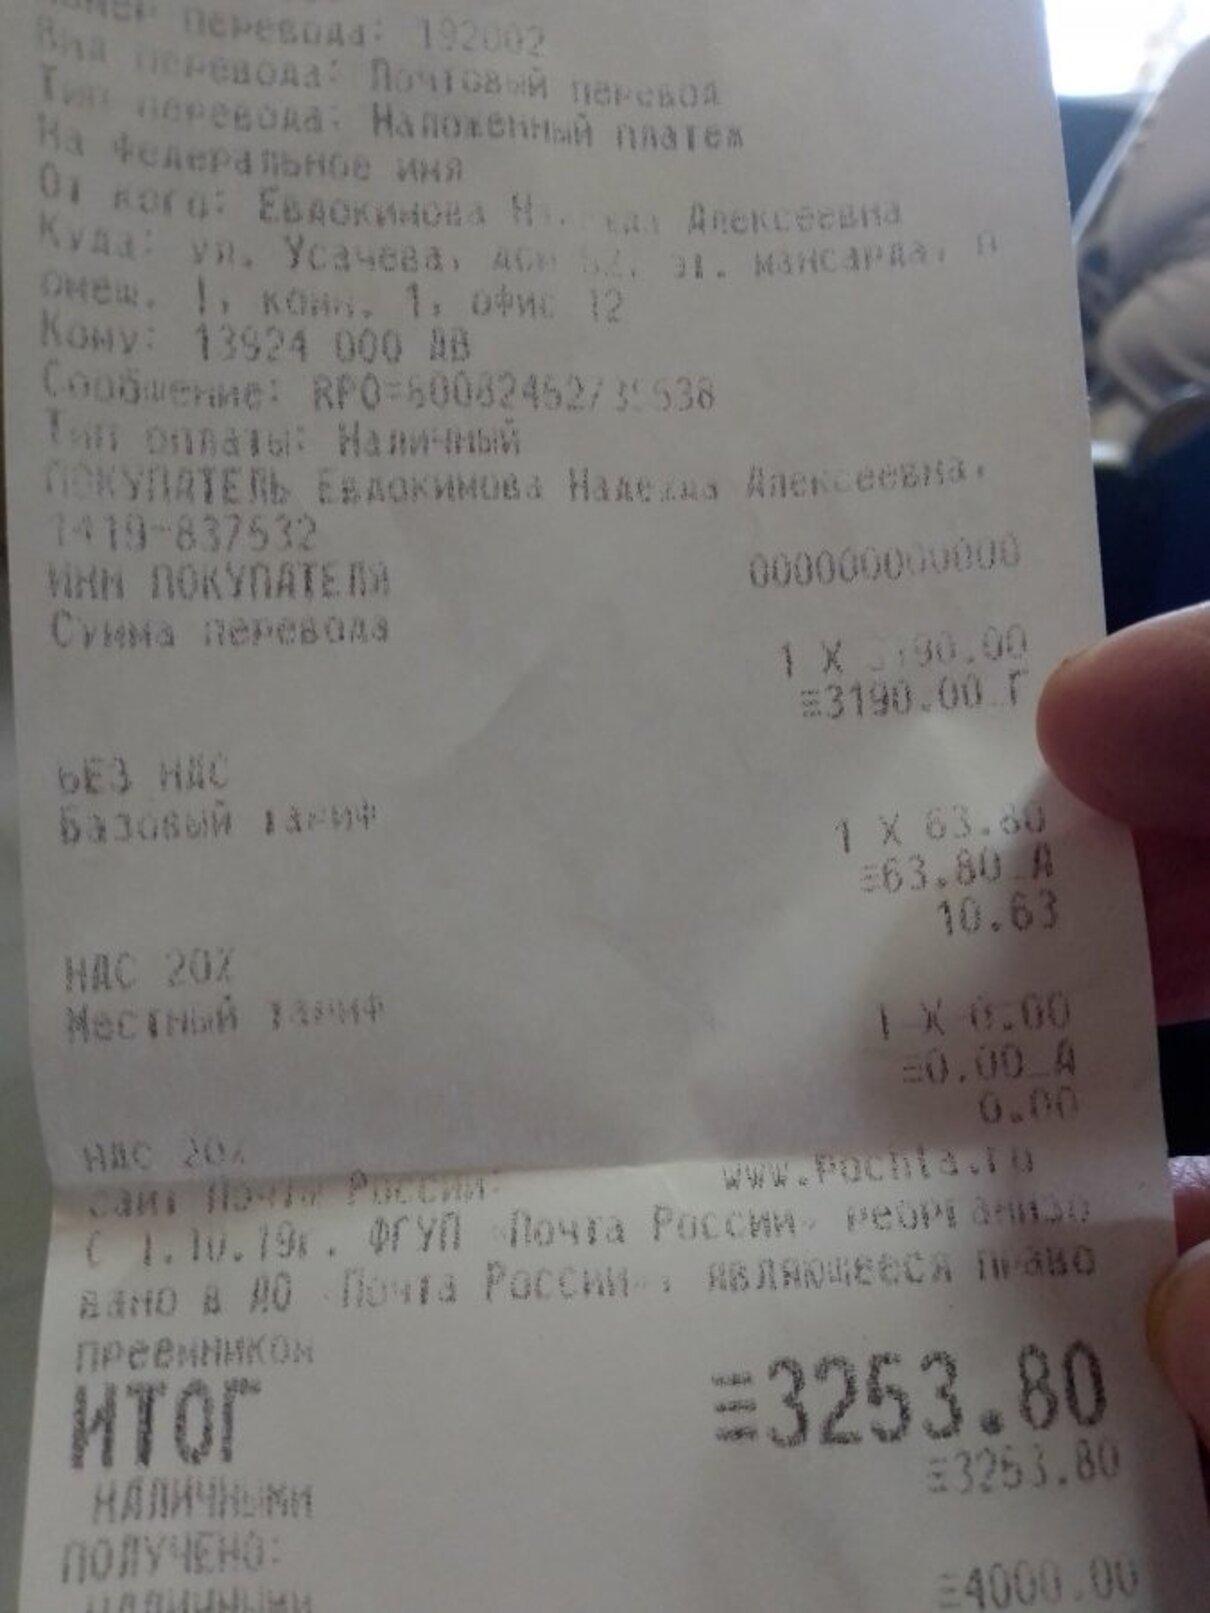 Жалоба-отзыв: Vopros-po-tova@mail.ru - Вернуть деньги за не верный заказ и размер.  Фото №5